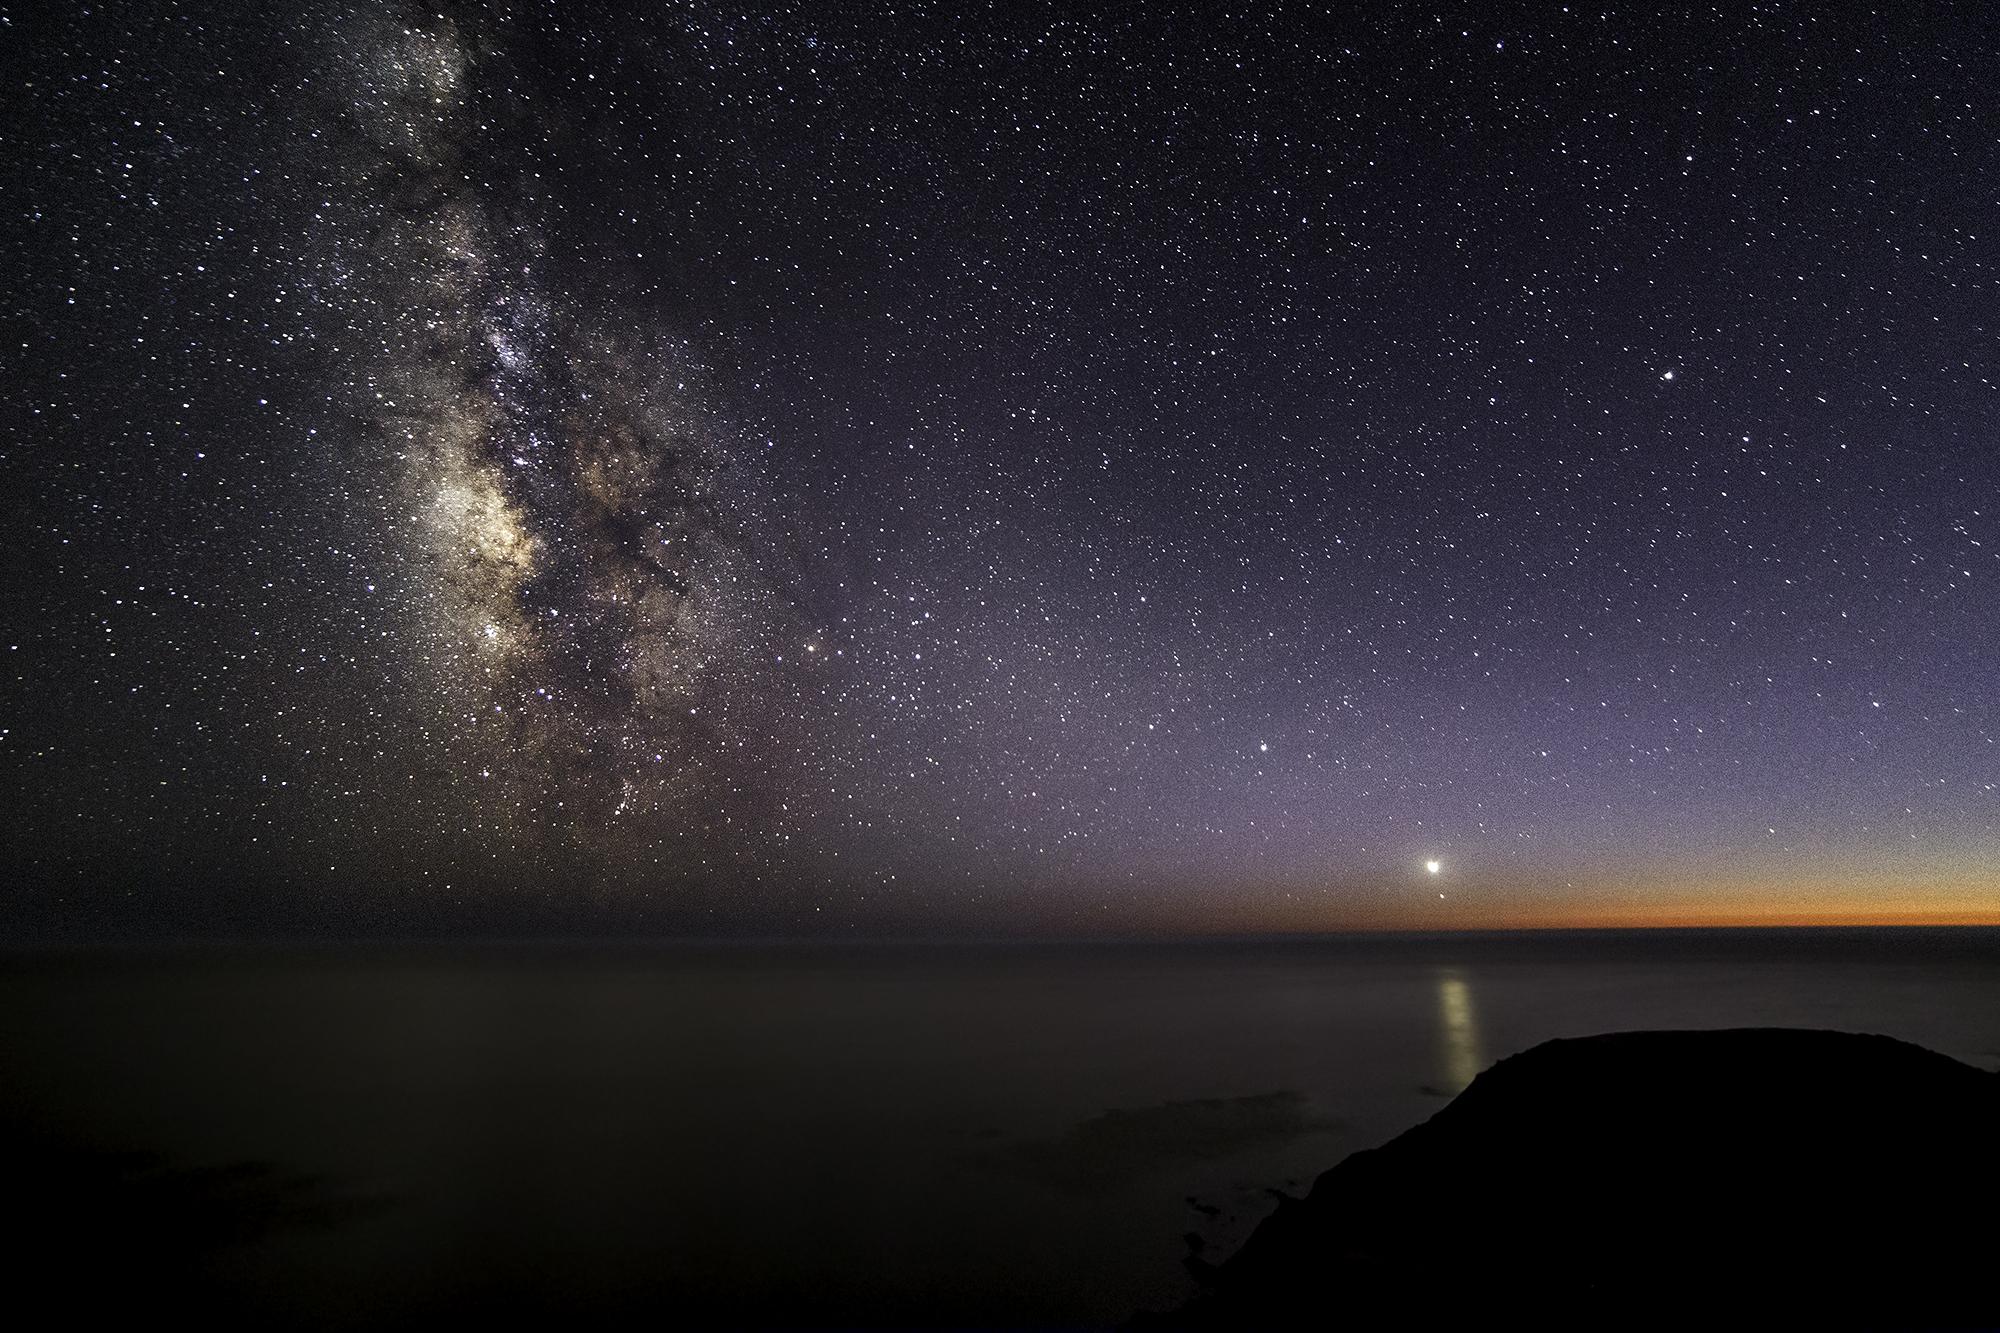 фото млечного пути на небе помощью можно делать